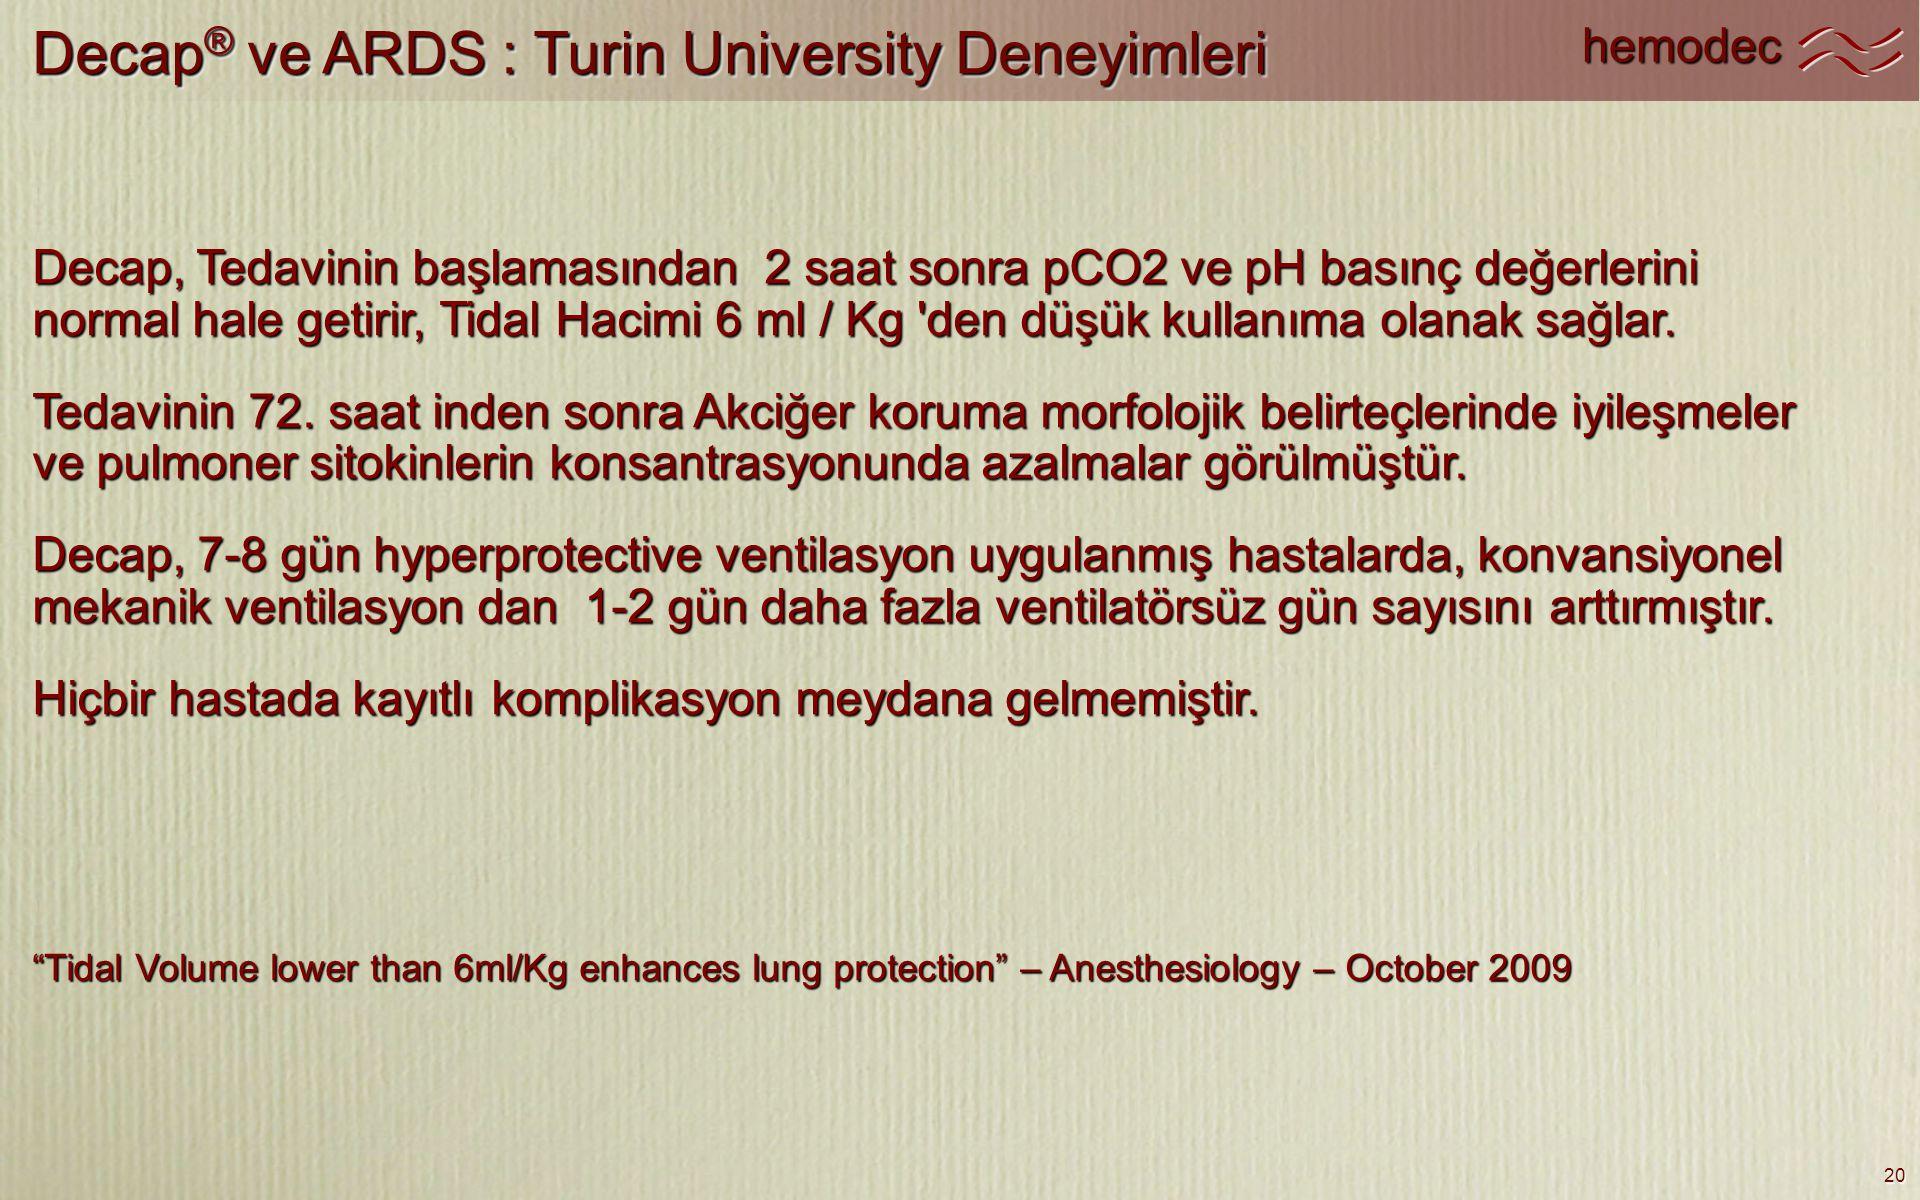 hemodec 20 Decap ® ve ARDS : Turin University Deneyimleri Decap, Tedavinin başlamasından 2 saat sonra pCO2 ve pH basınç değerlerini normal hale getiri